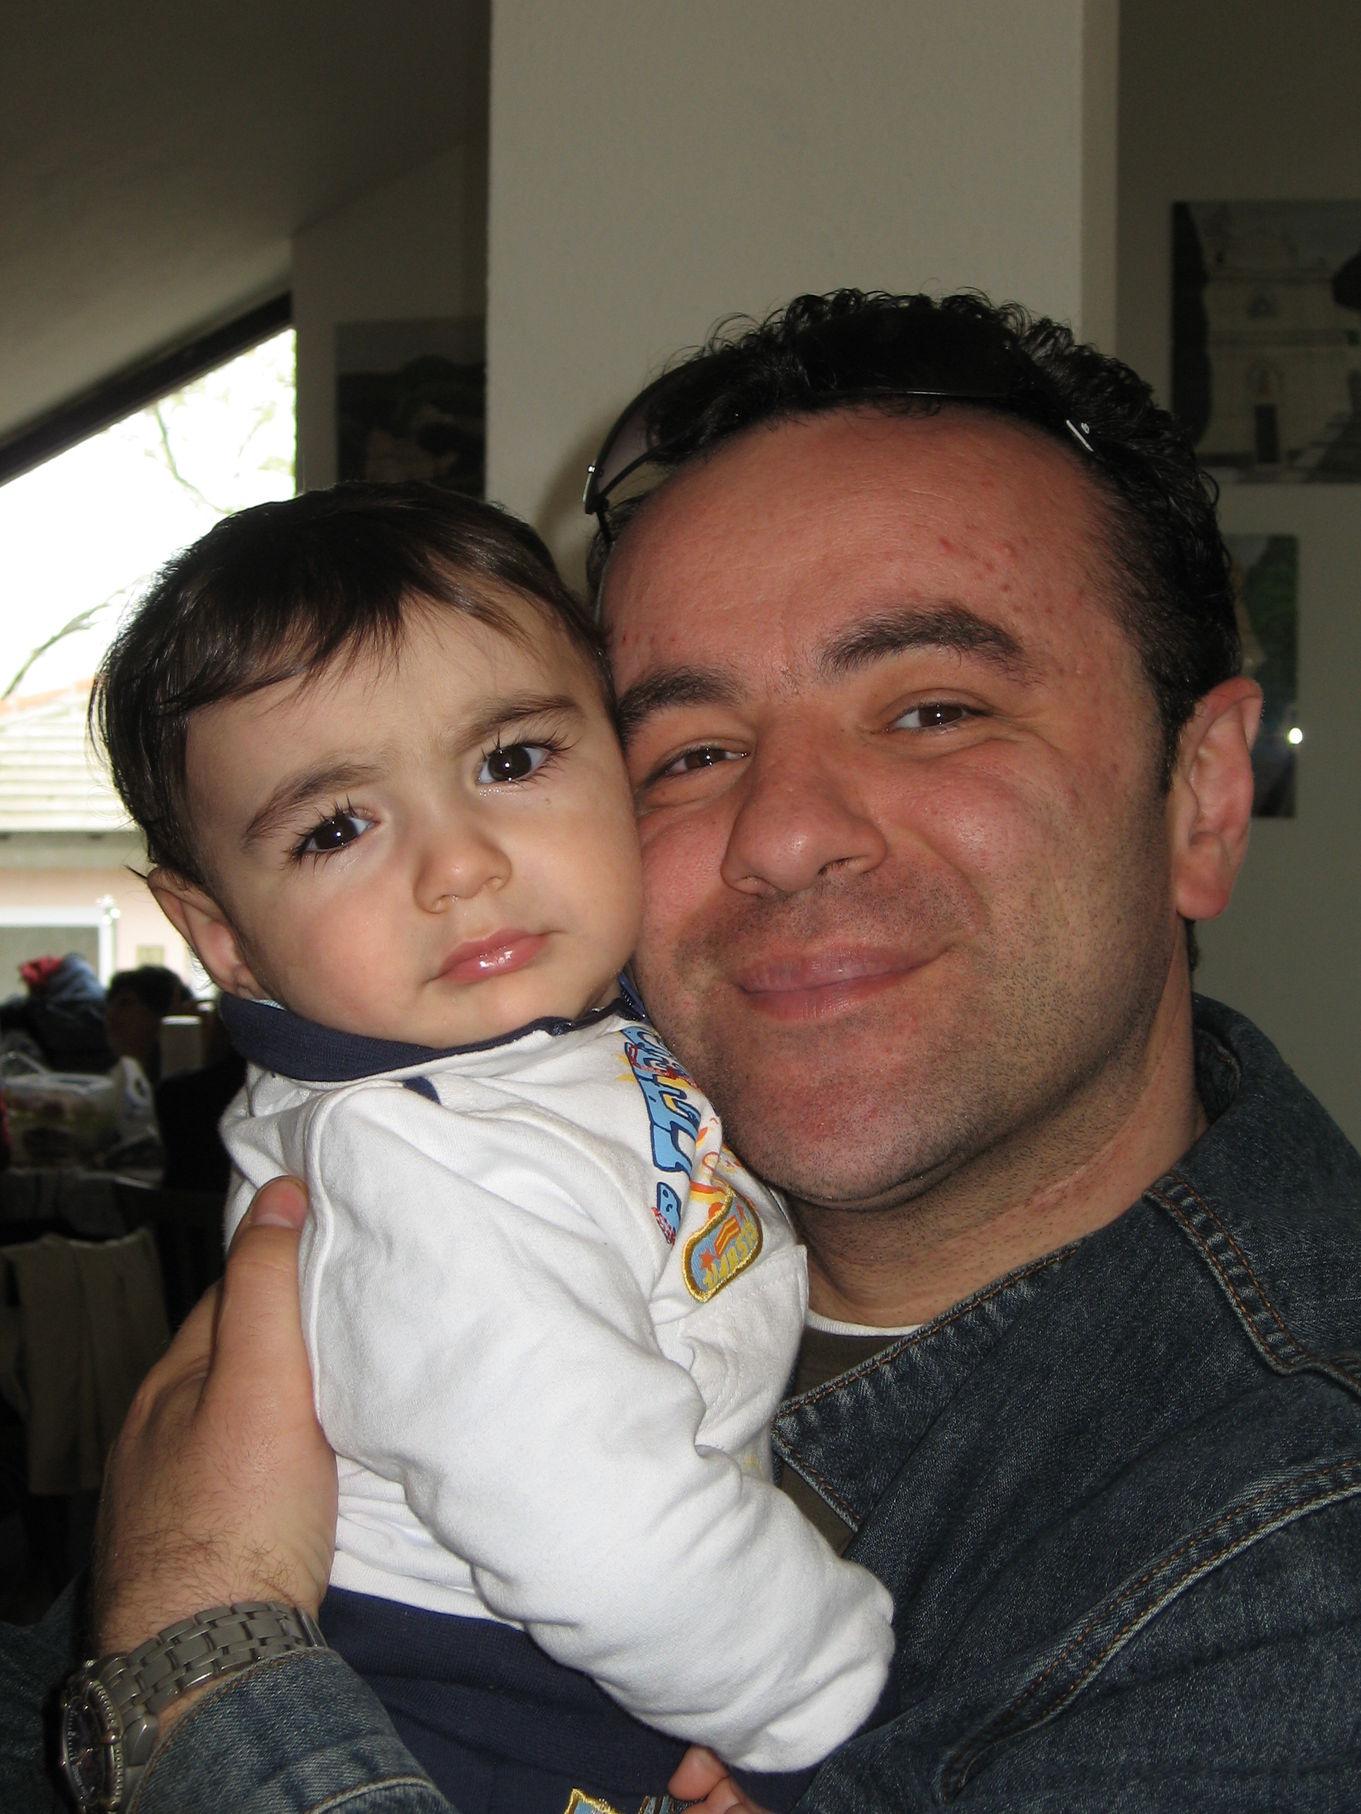 Montallegro-2009-04-13--13.00.58.jpg